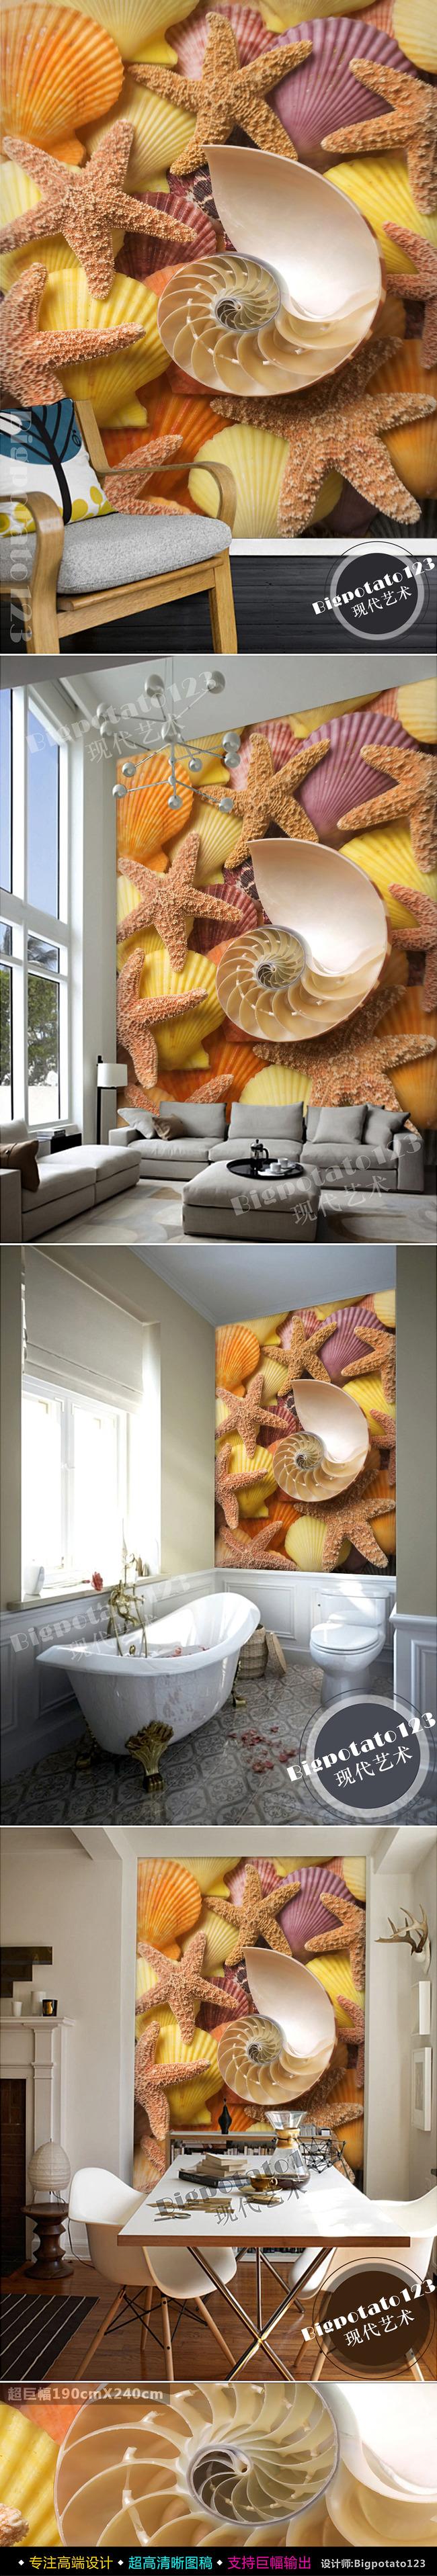 海底世界海螺海星贝壳扇贝玄关背景墙